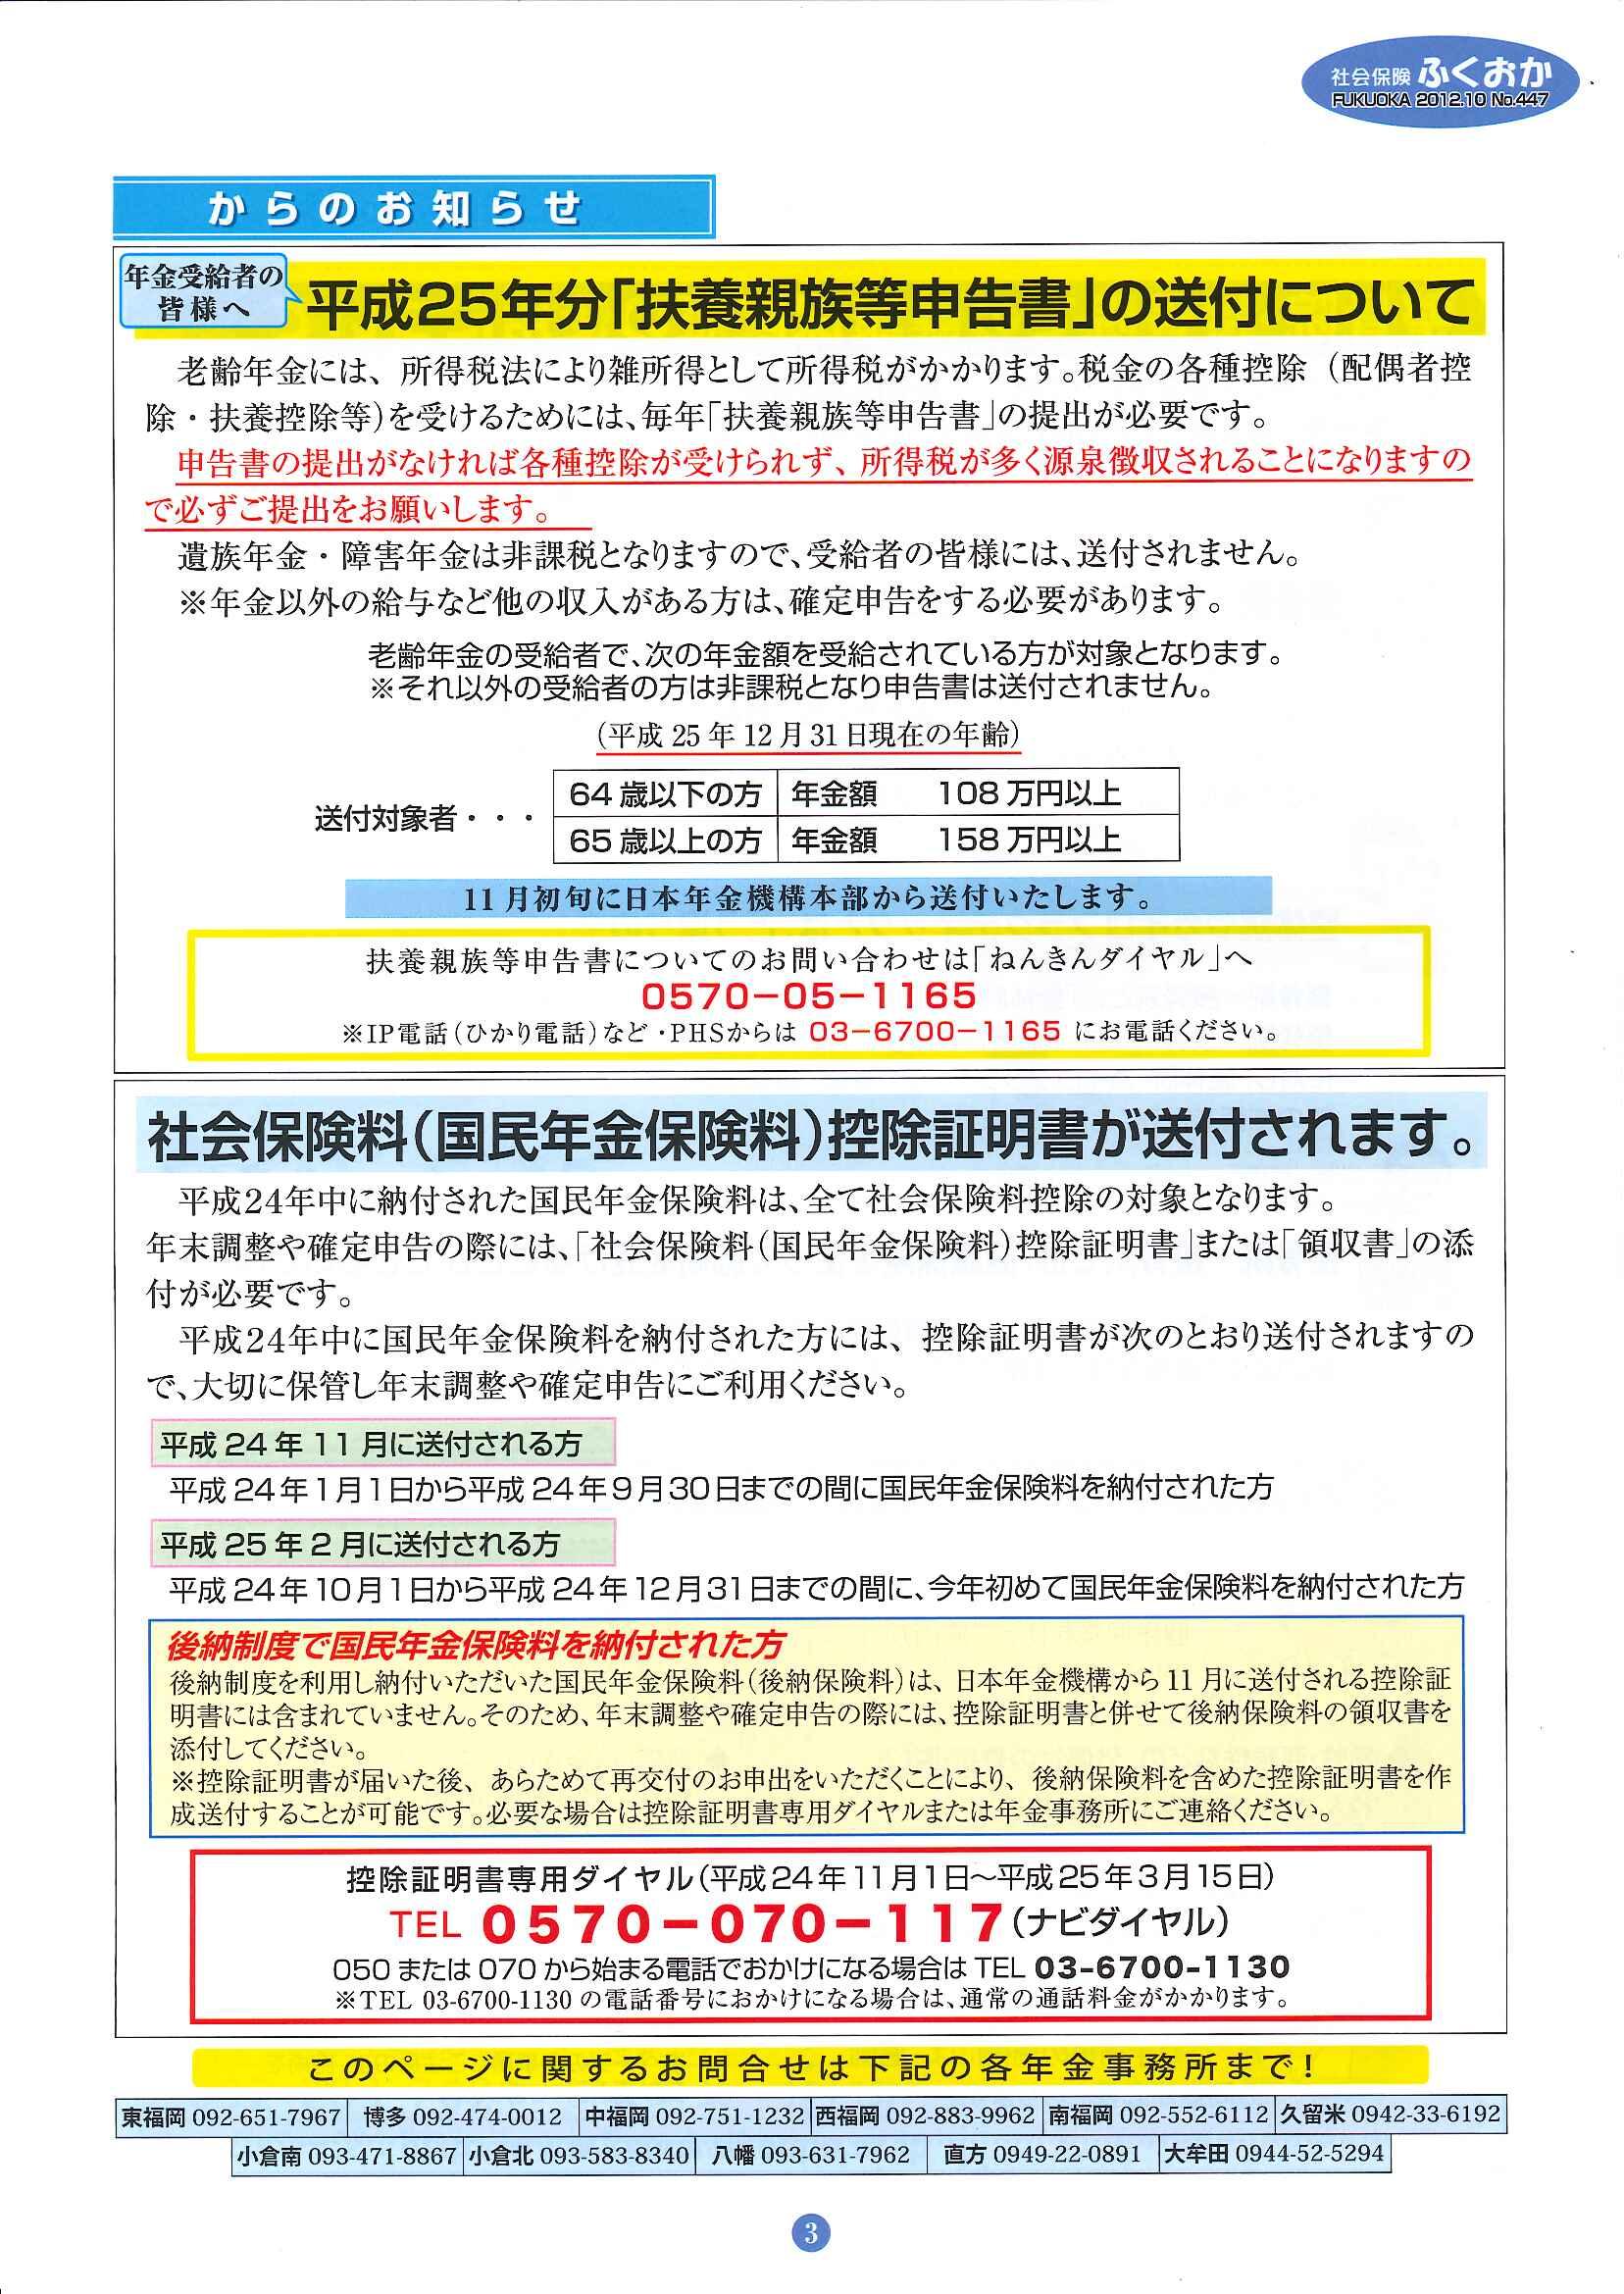 社会保険 ふくおか 2012 10月号_f0120774_13505537.jpg